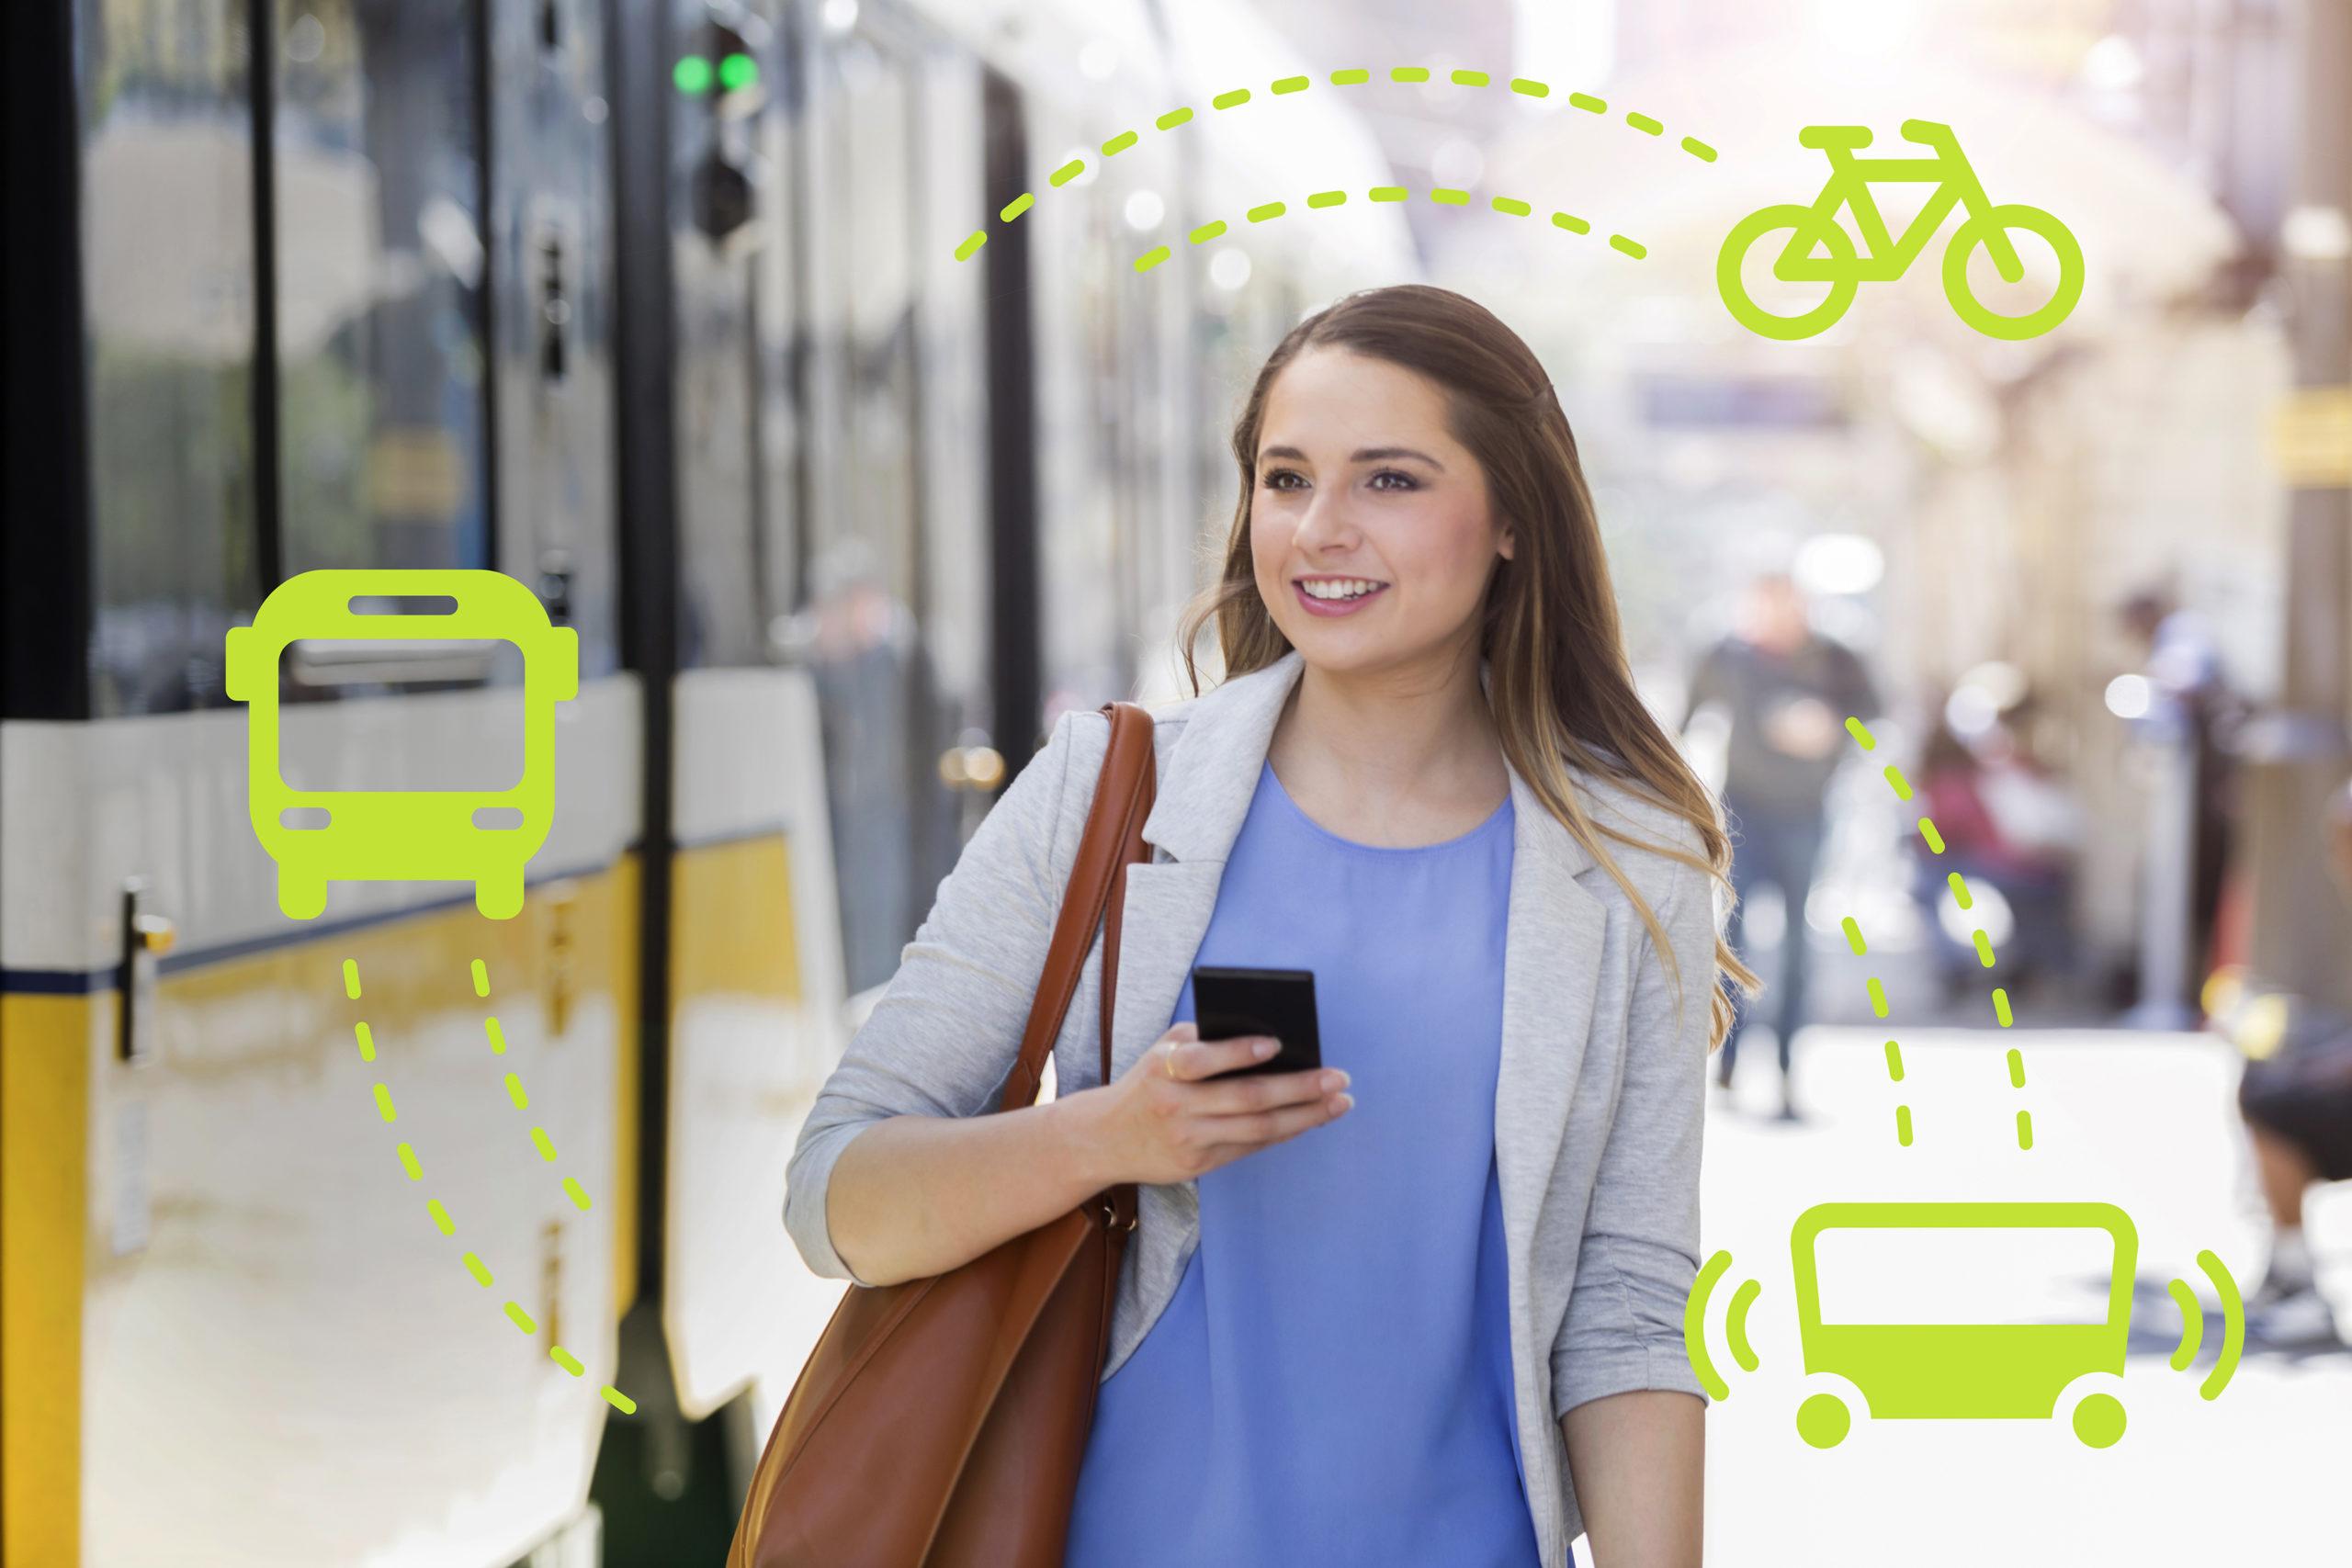 Junge Frau mit Handy in der Hand vor einer Bahn am Bahnhof